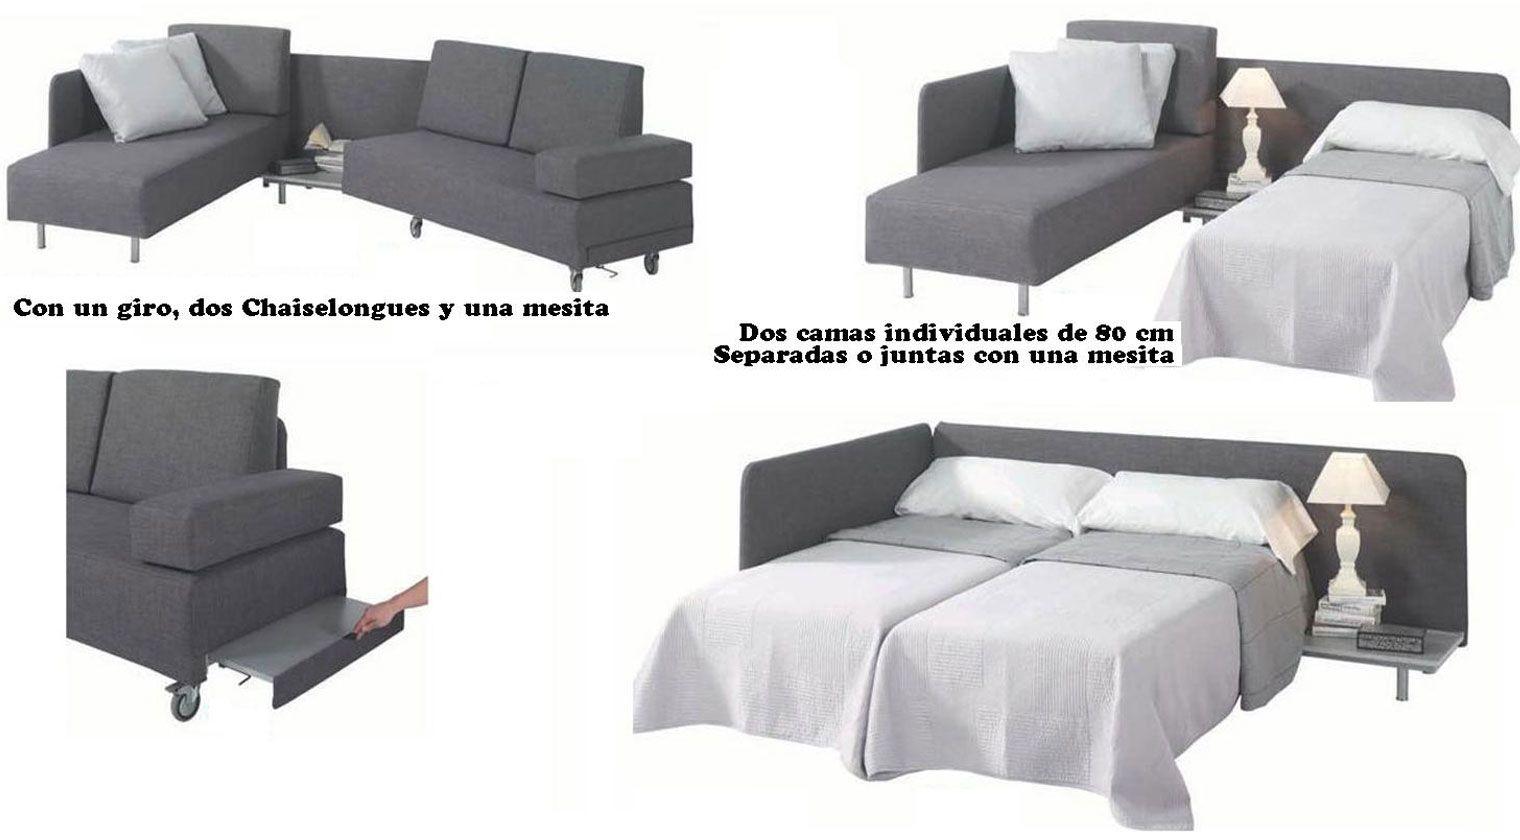 Sof cama laval sofas cama convertibles for Sofa cama dos camas